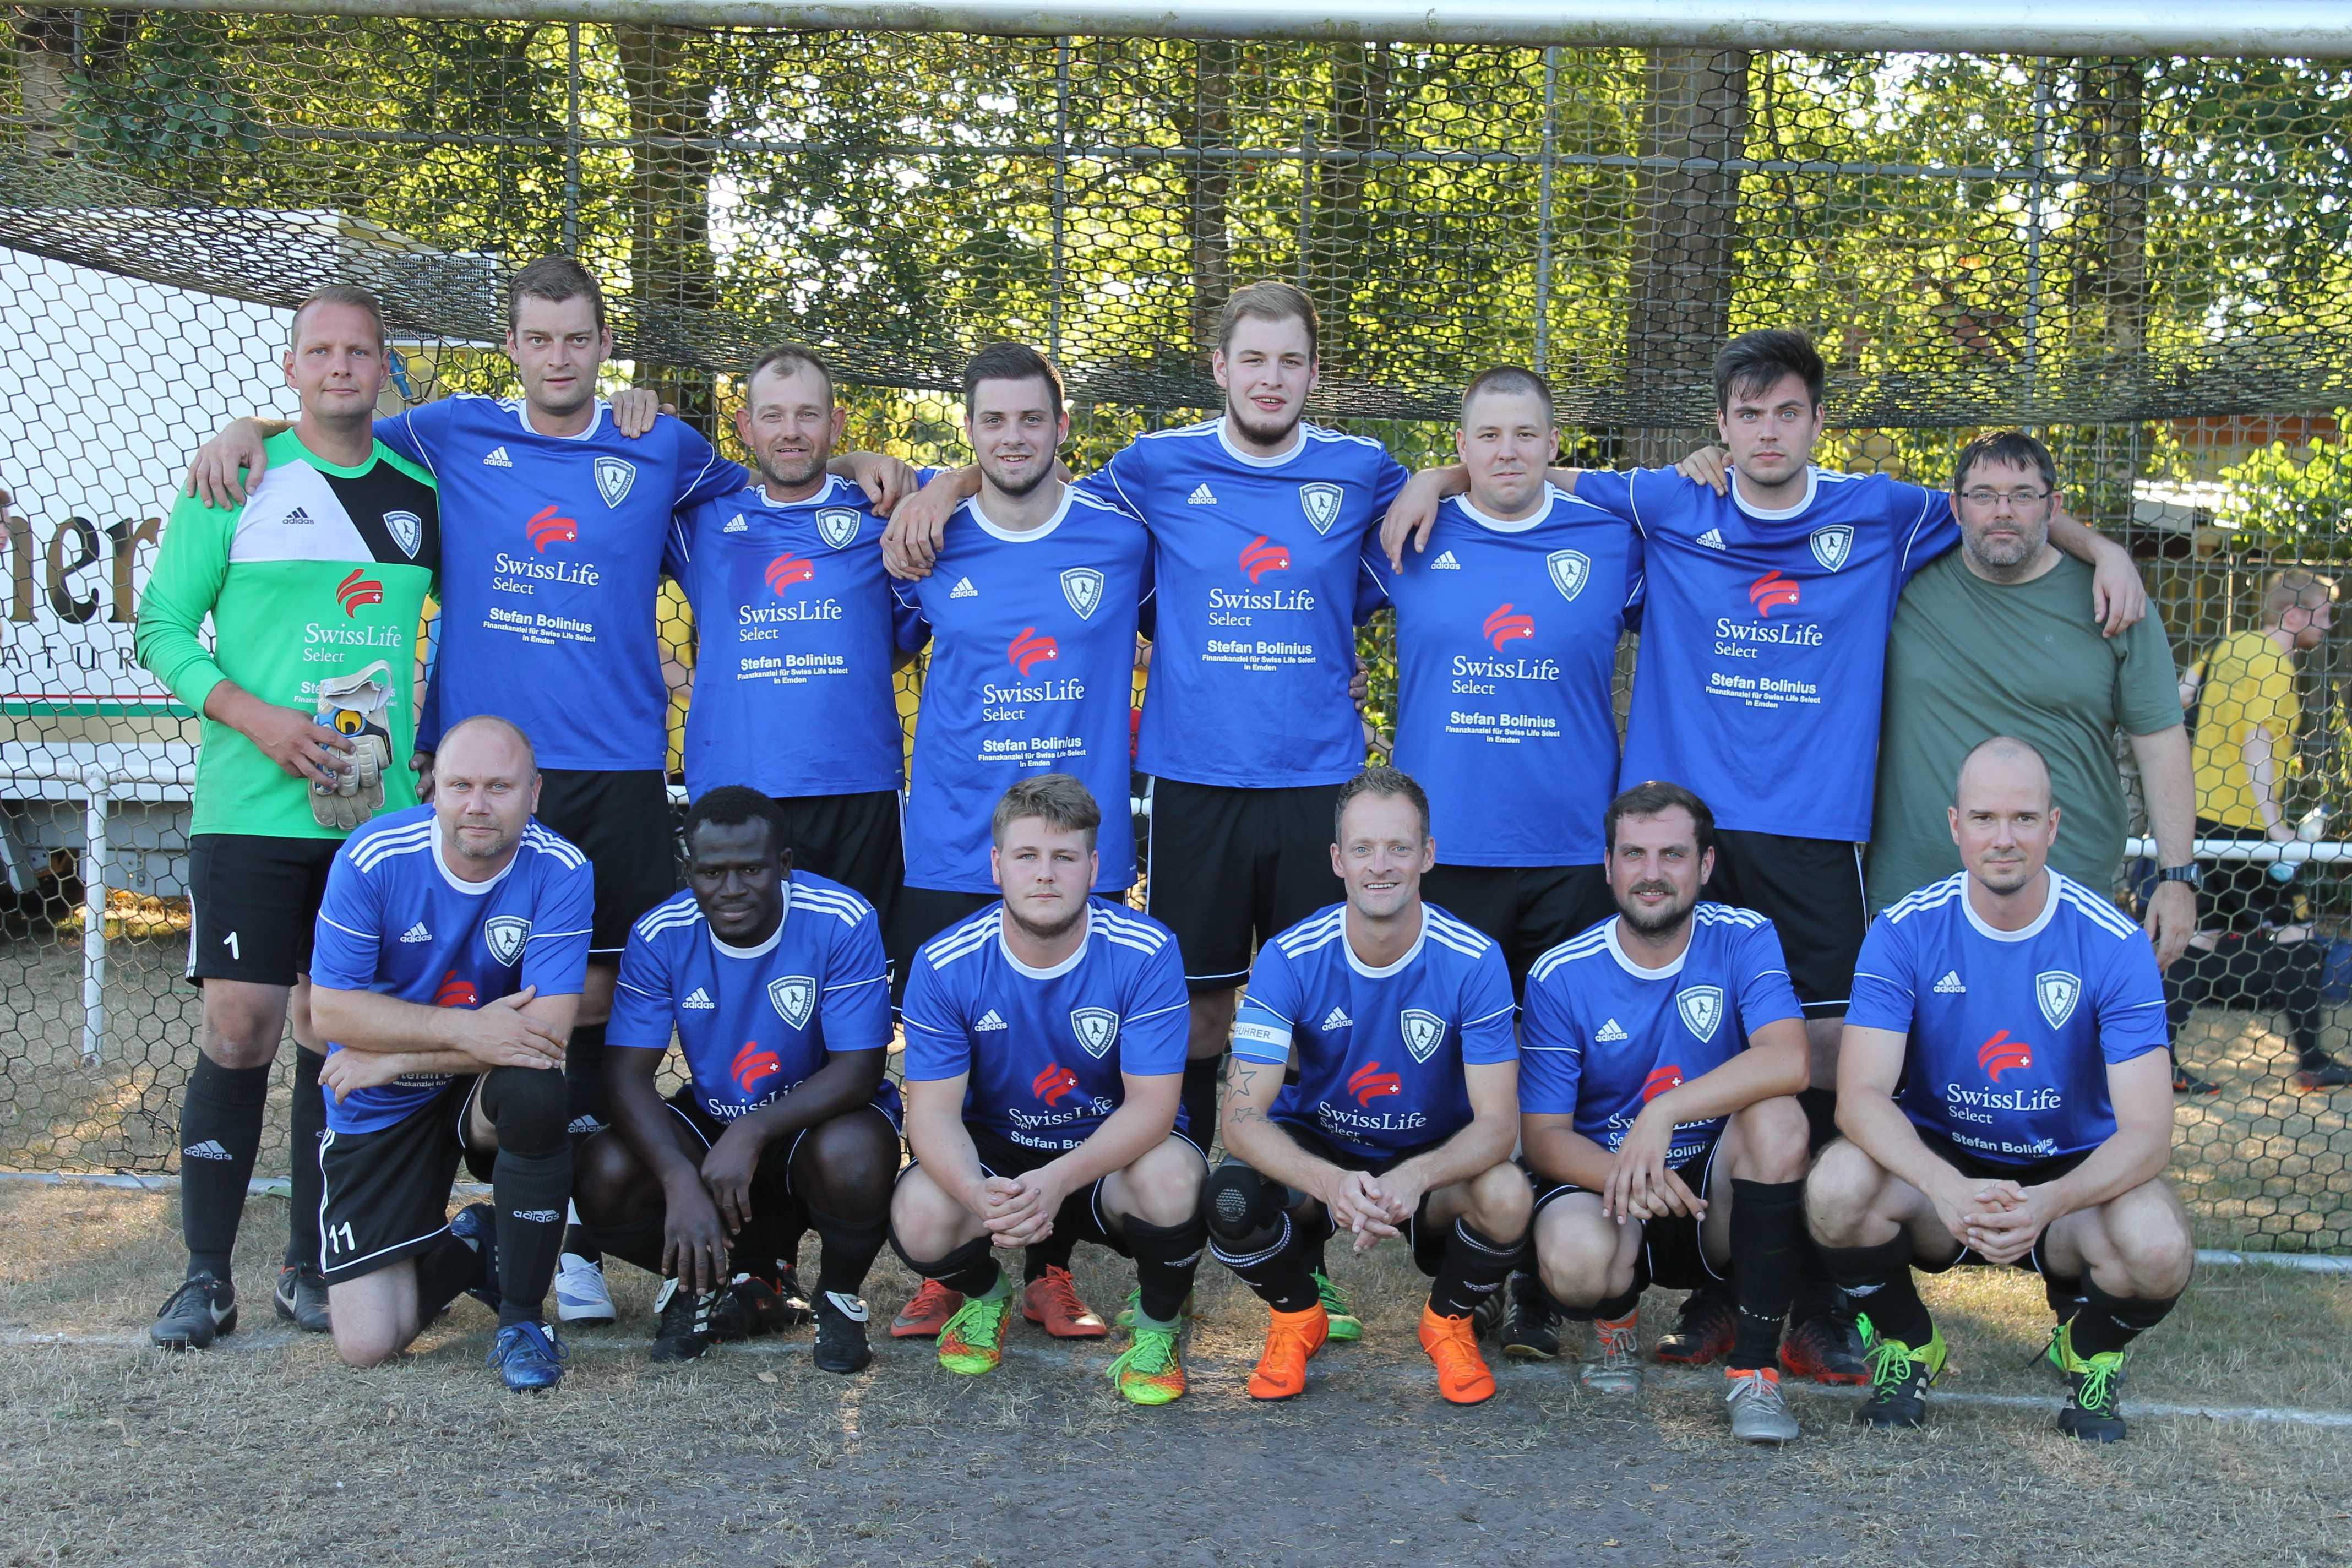 2018-08-03 Sportwoche - 2. und 3. Herrenturnier (3)